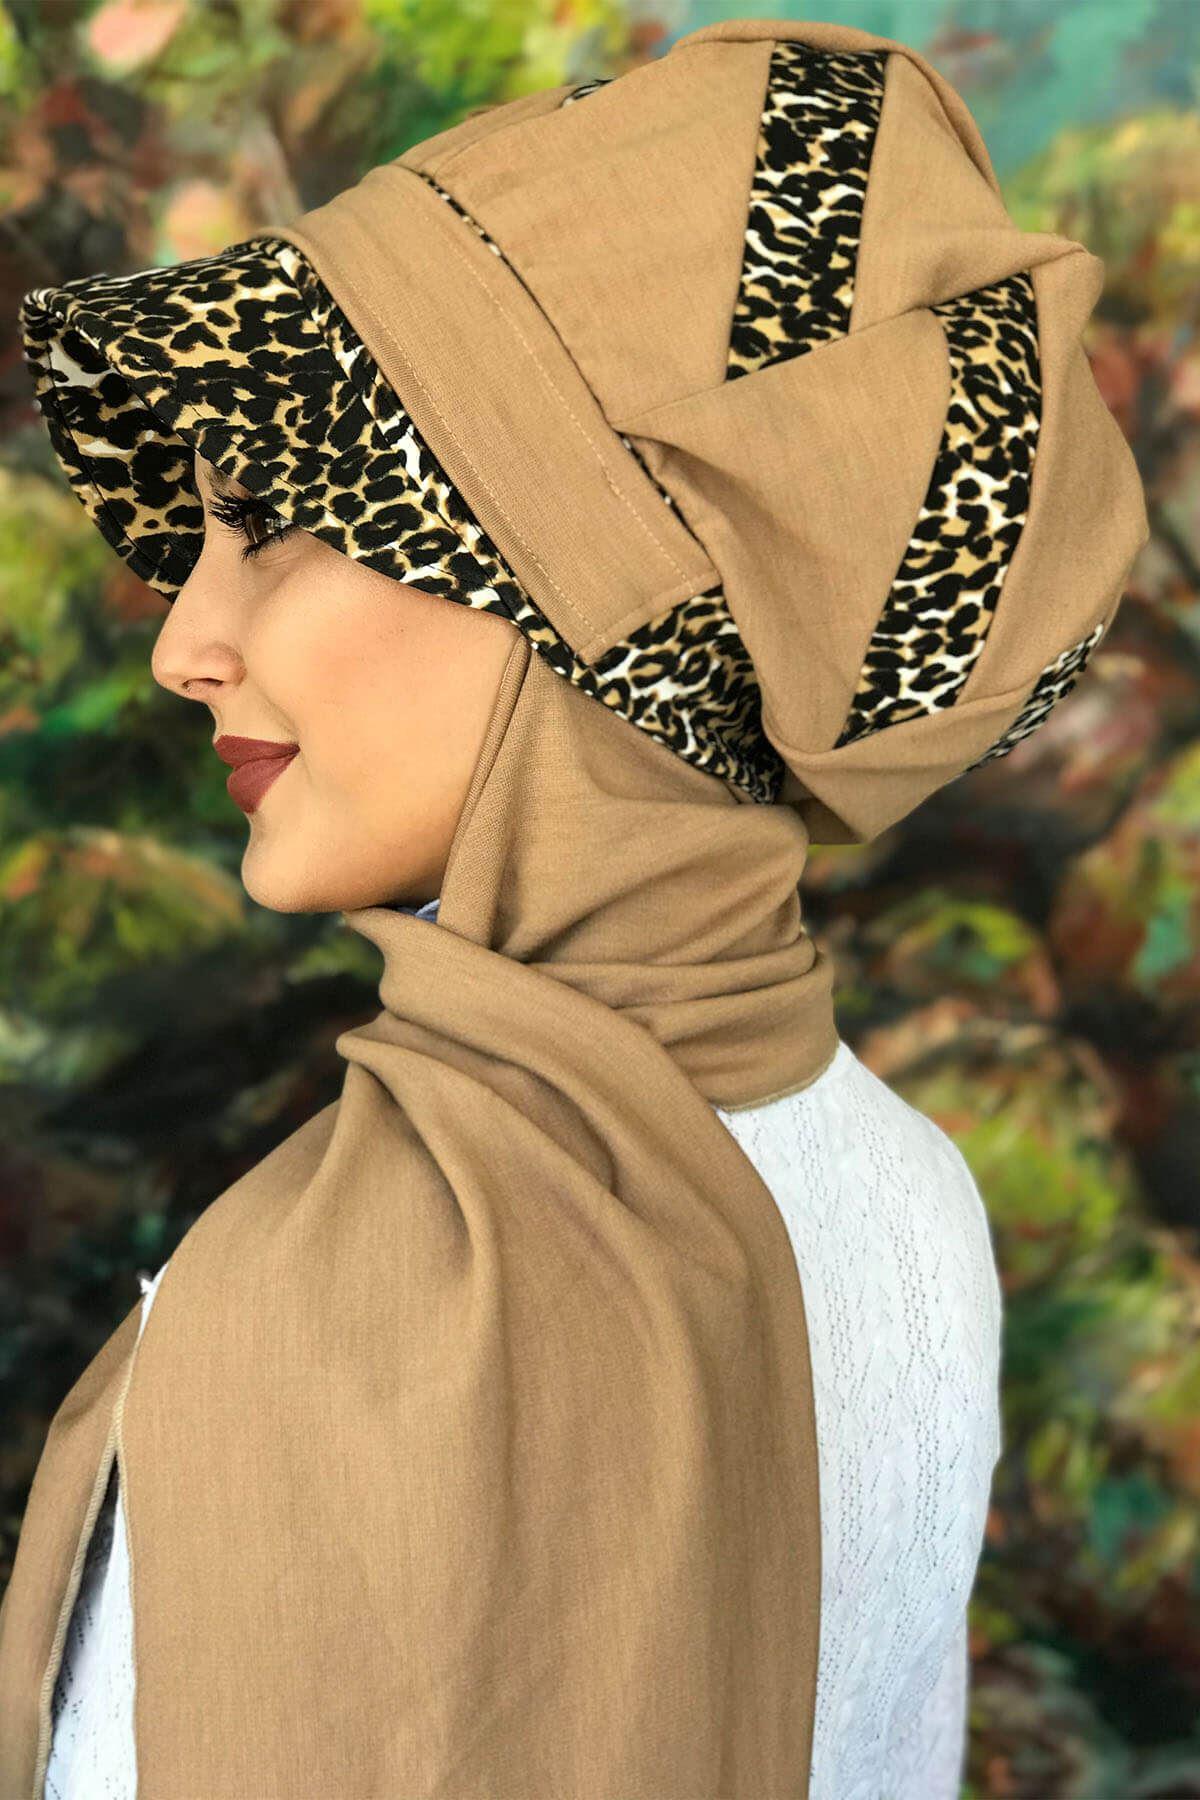 Bad-ı Saba Leopar Şeritli Devetüyü Çarkıfelek Tokalı Siyah Atkılı Şapka